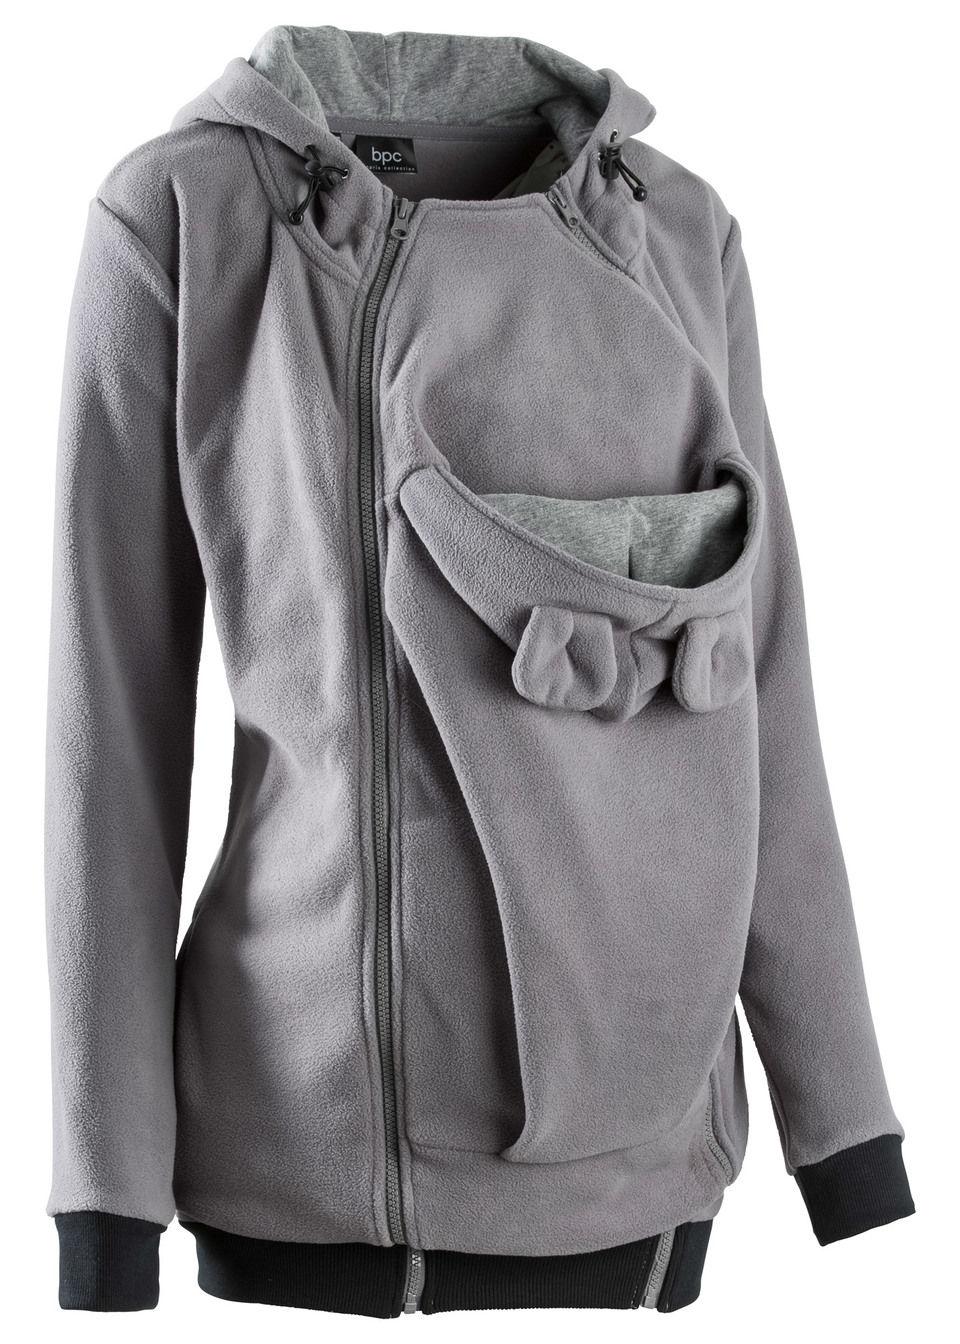 744c37bd8e Kismama polár kabát baba-betéttel a terhességre és utána füstszürke •  10499.0 Ft • bonprix